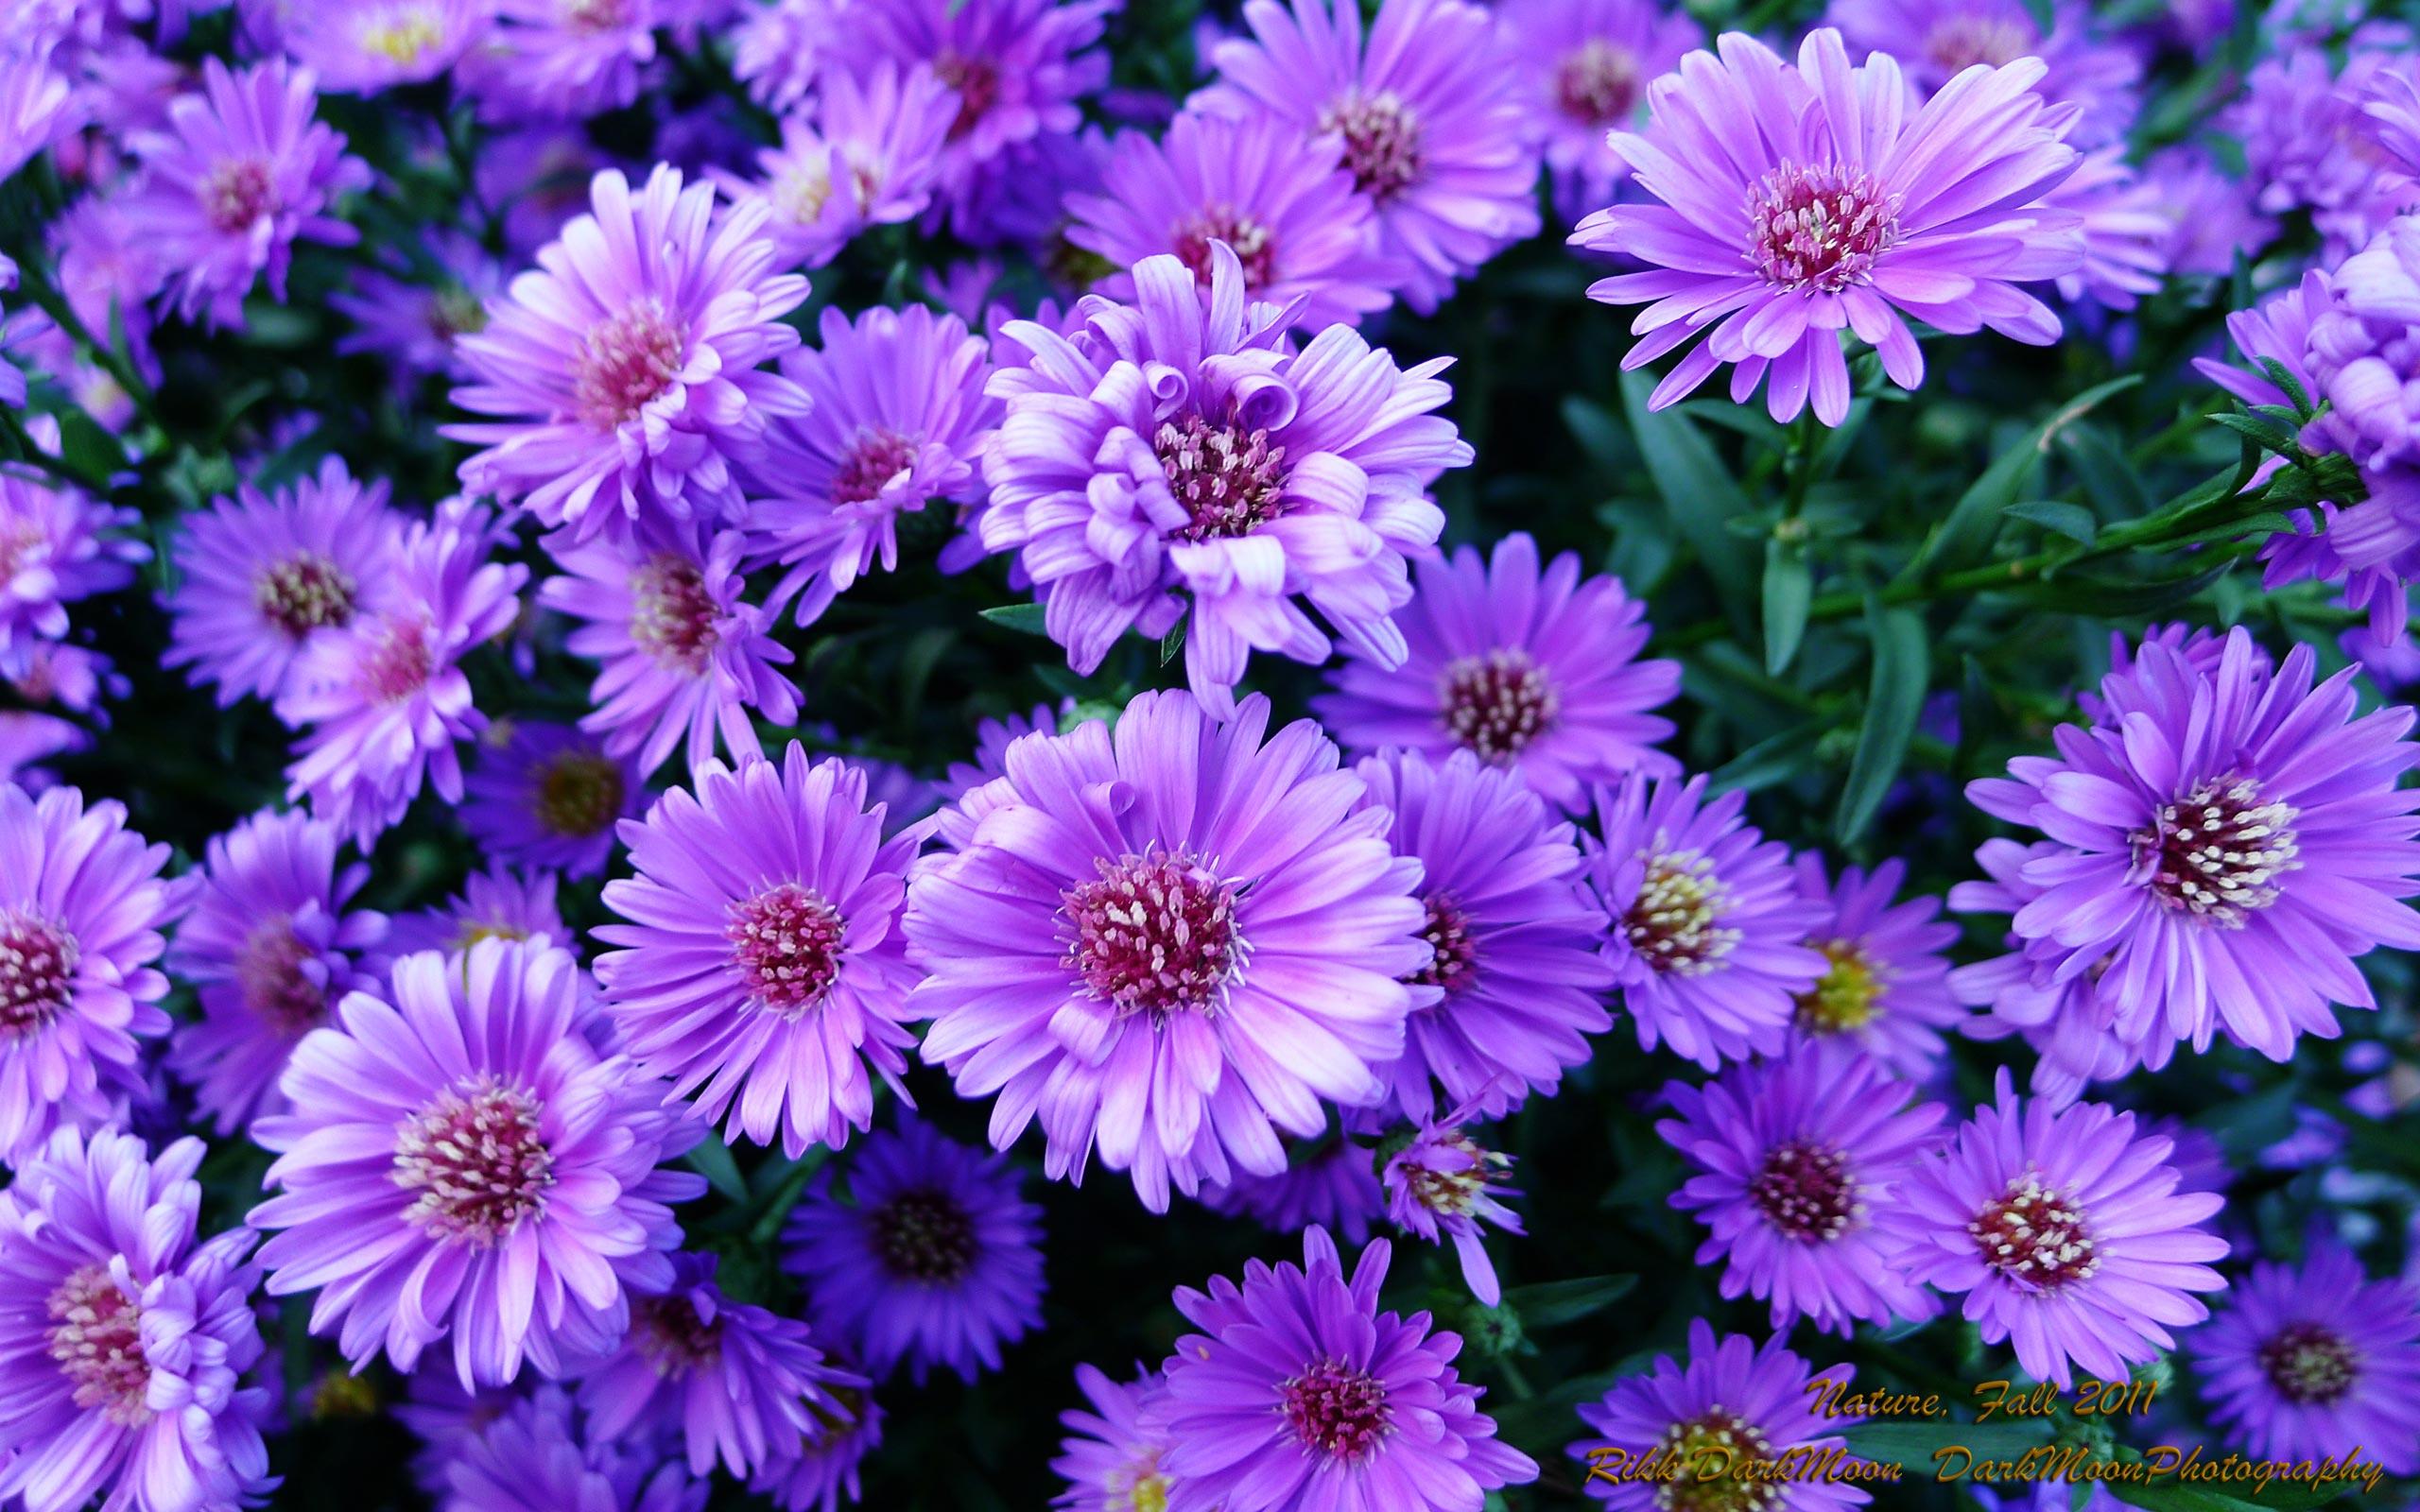 Aesthetic Anime Desktop Wallpaper Purple Flowers 386018 Hd